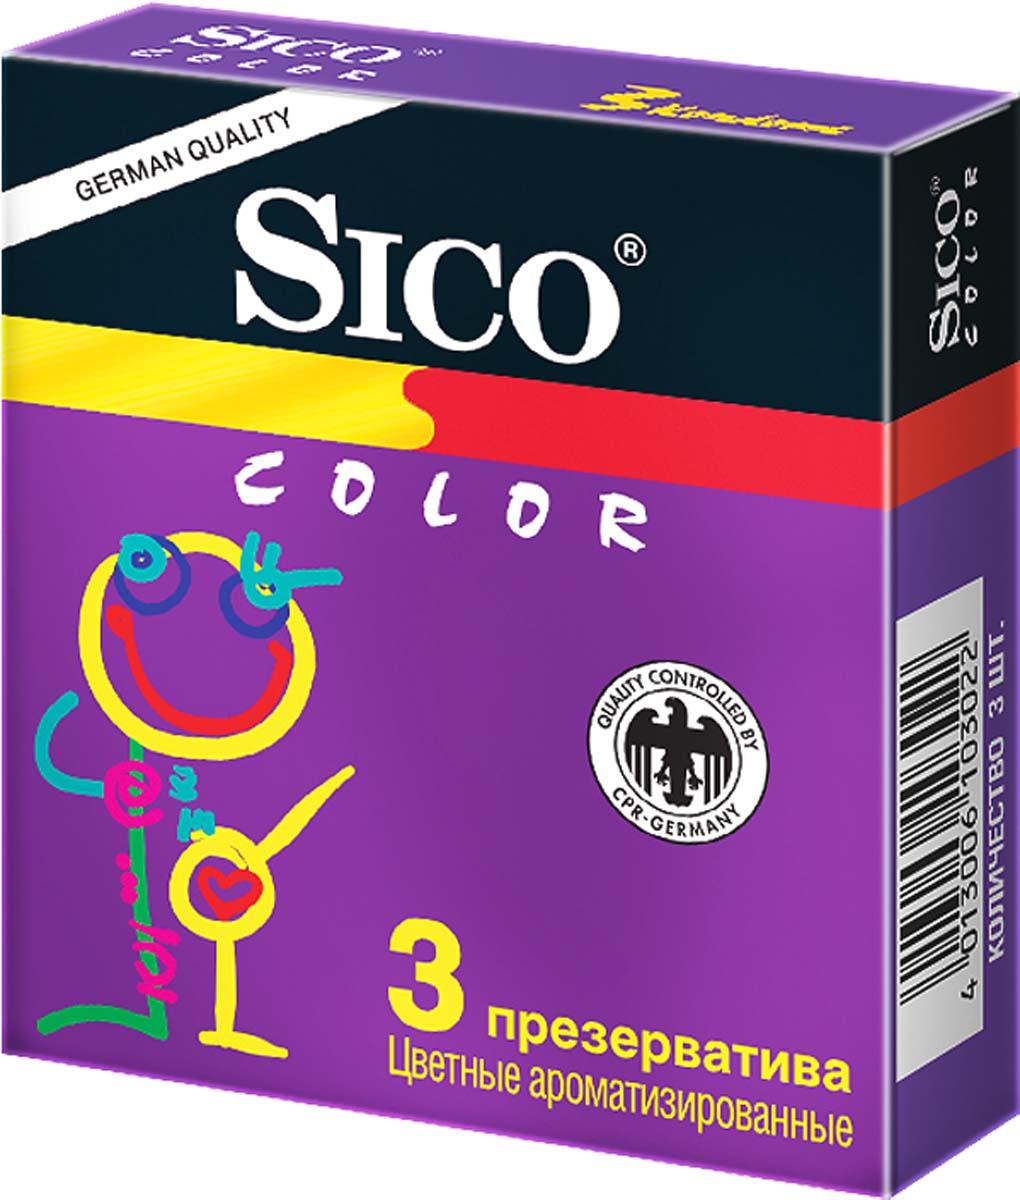 SICO Презервативы Color, цветные ароматизированные, 3 шт плэйбой презервативы ароматизированные цветные n12